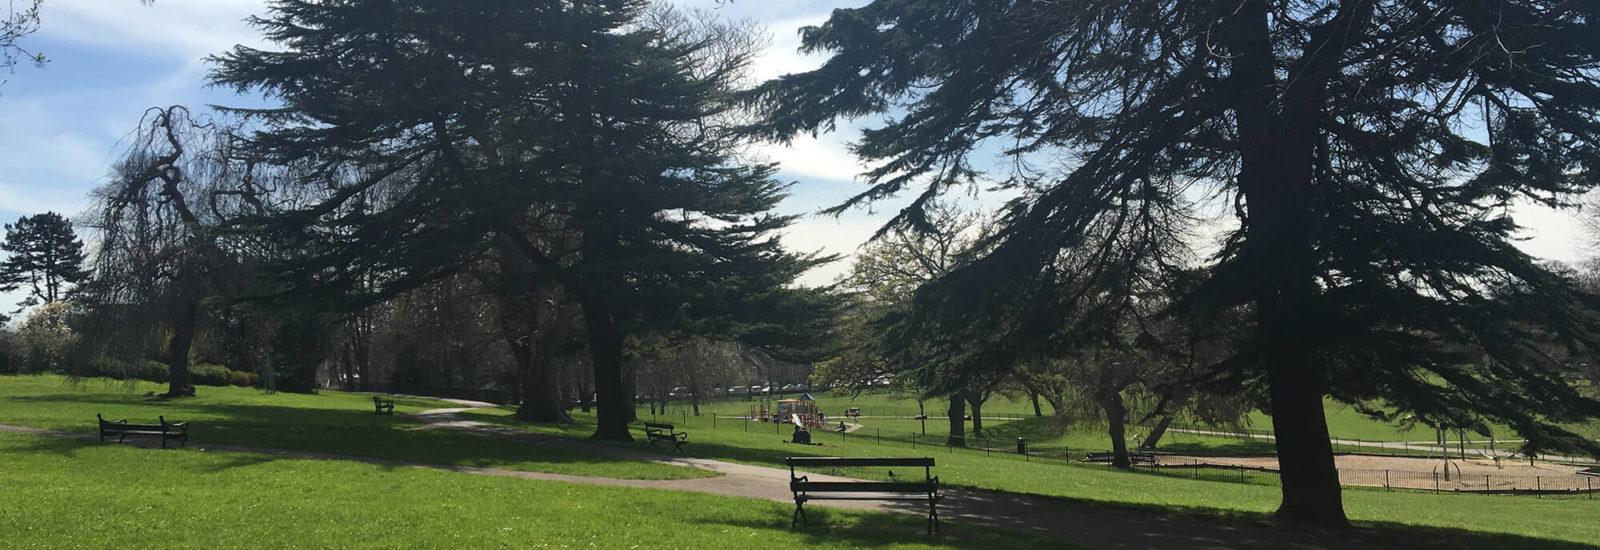 Image of Greville Smyth Park